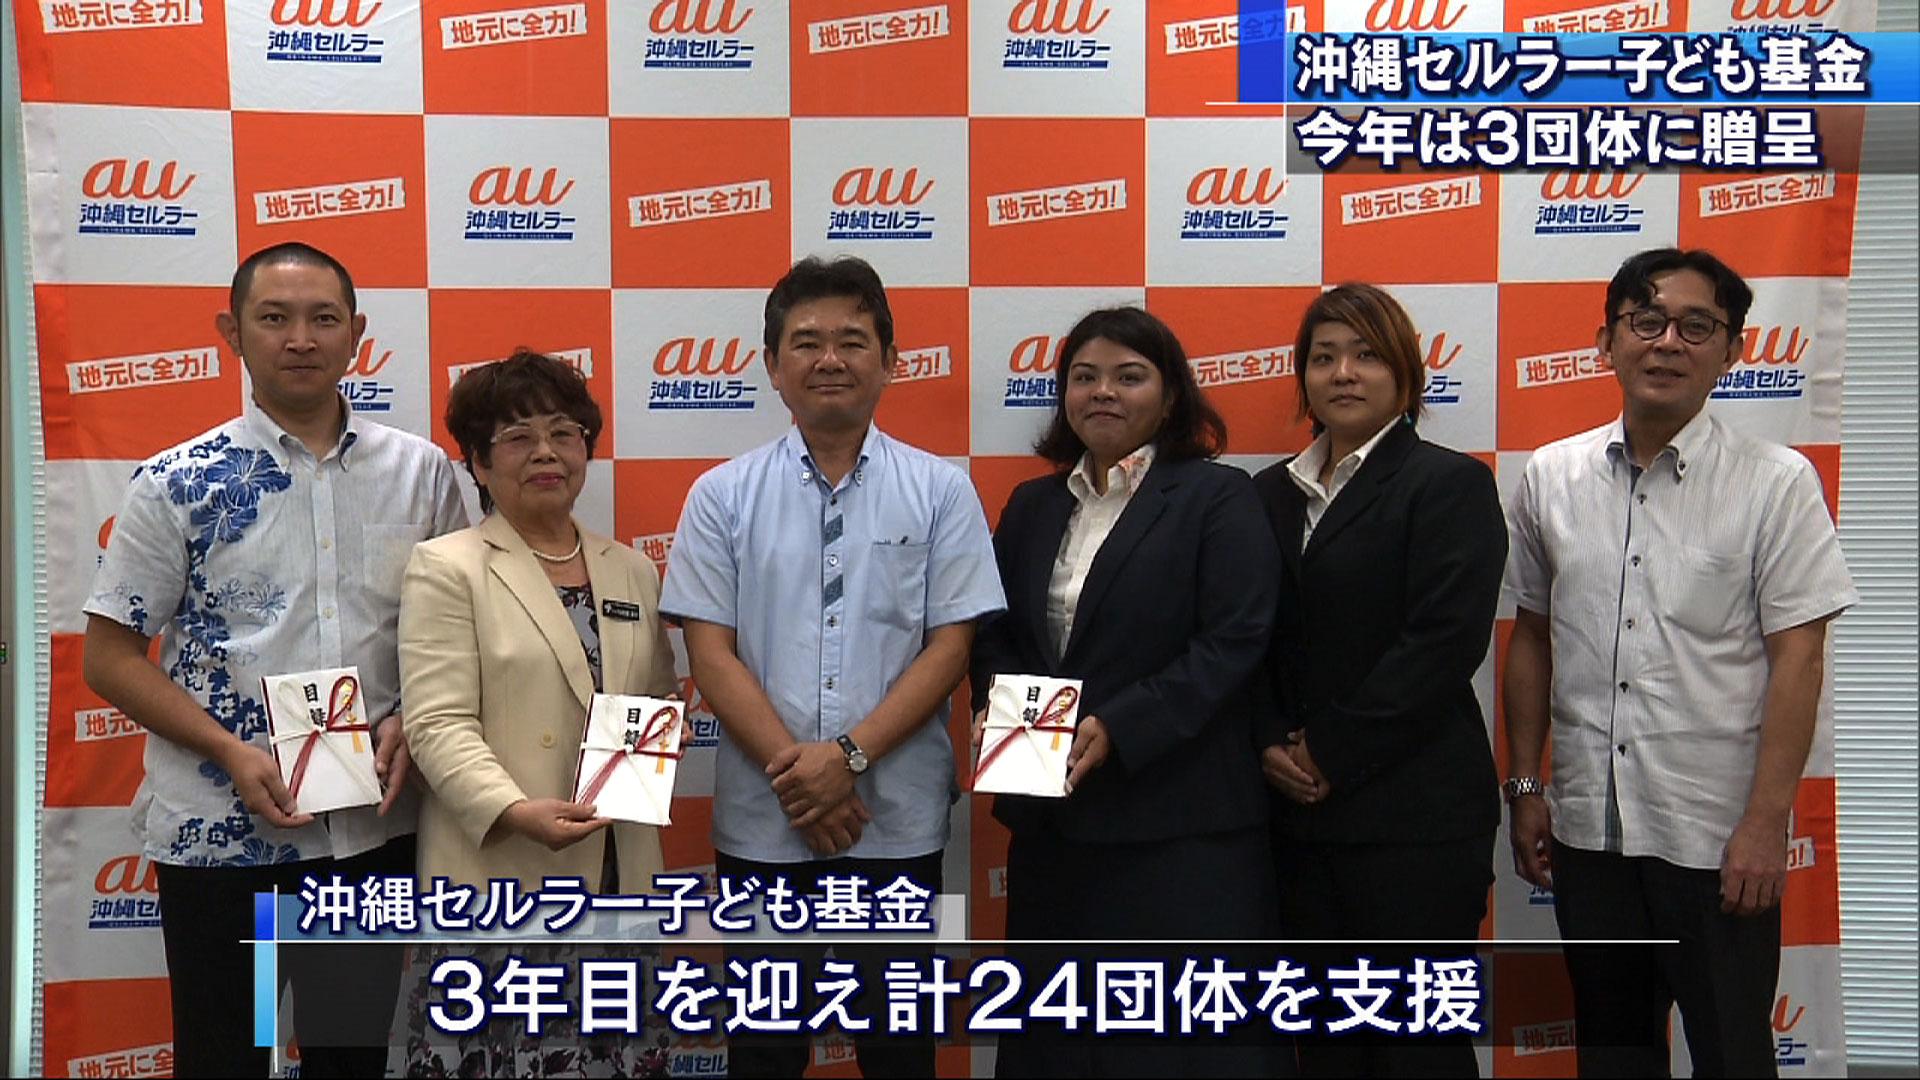 沖縄セルラー子ども基金 3団体に贈呈